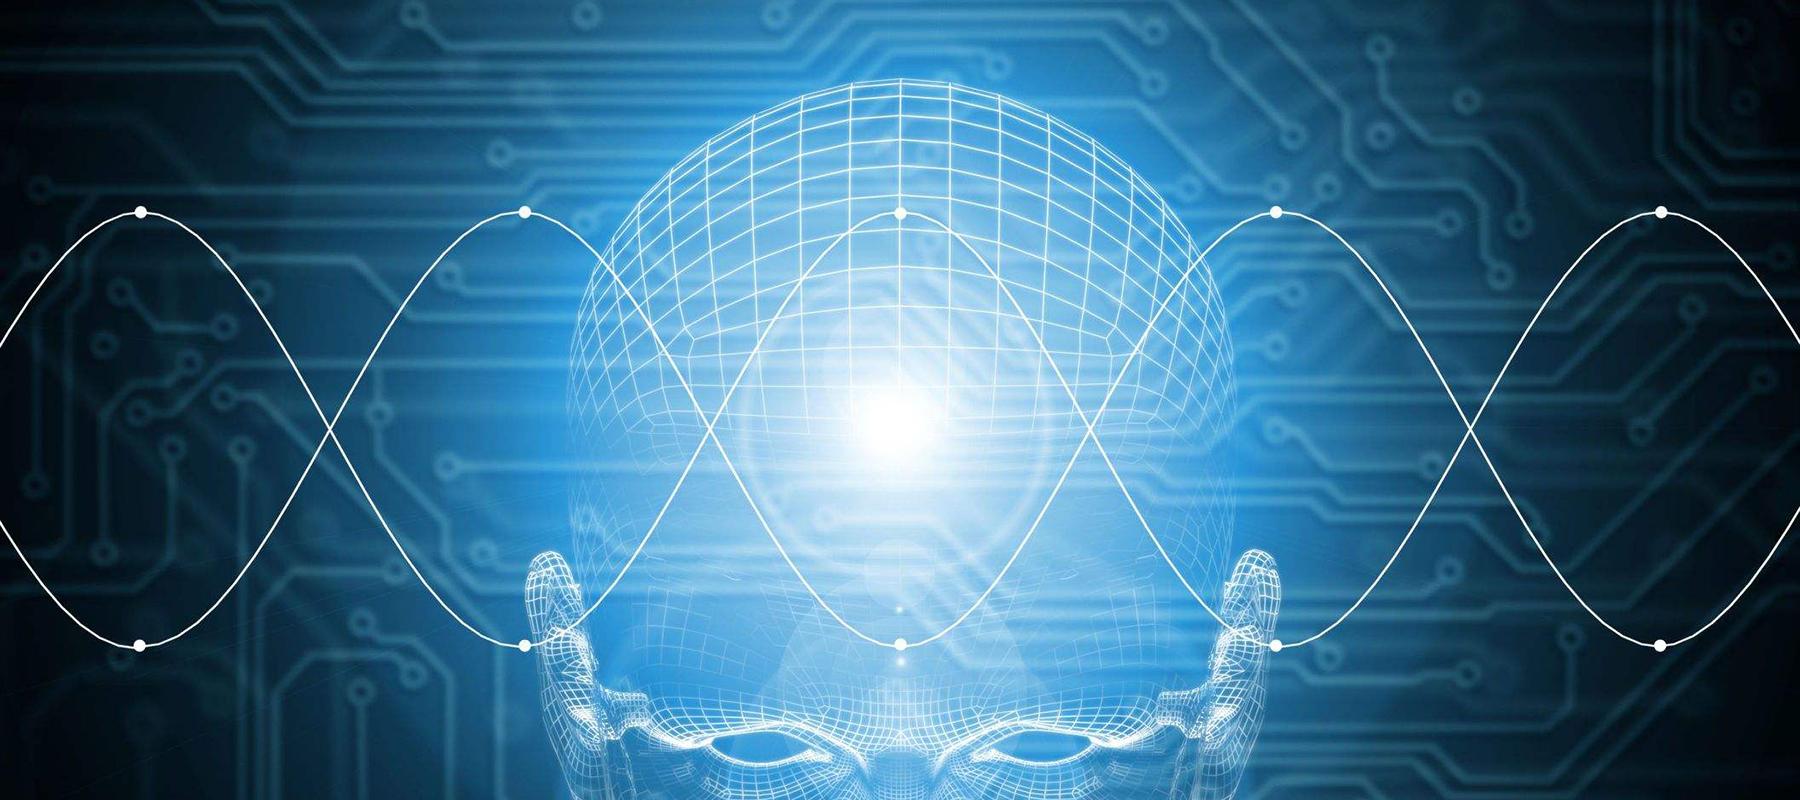 兴发娱乐网页版登录:智能产业渐长成